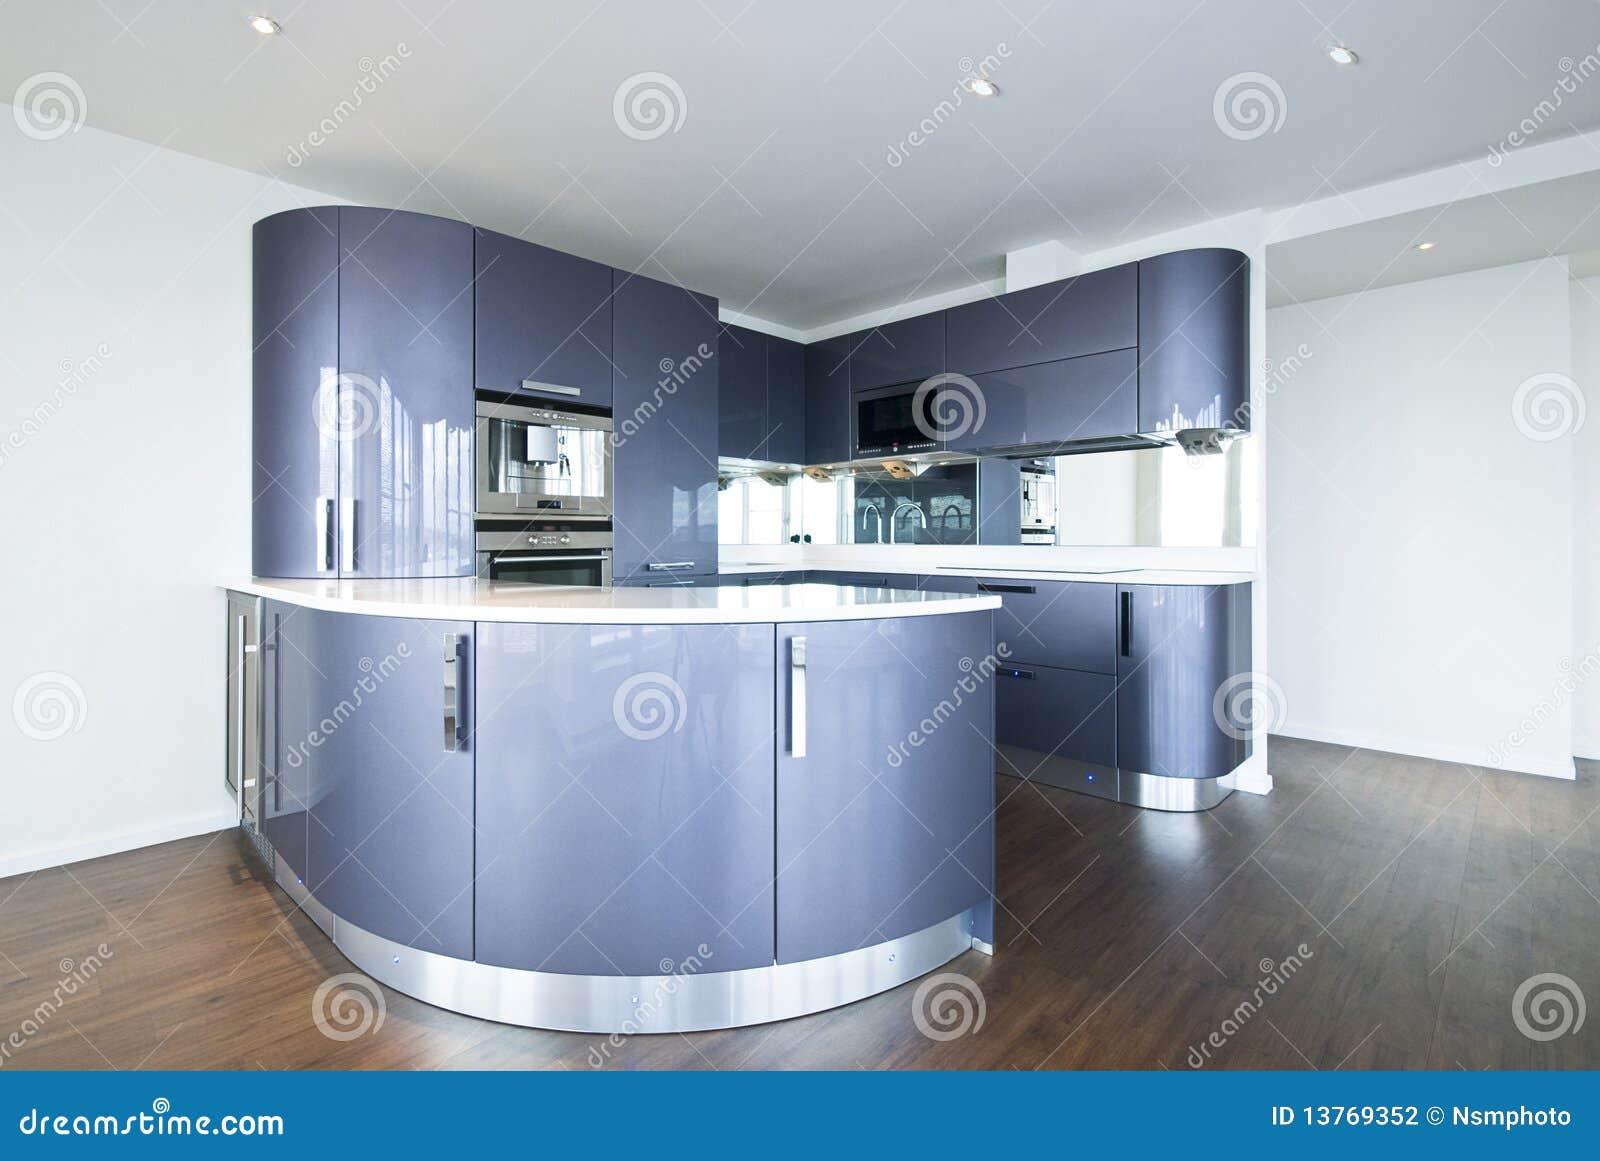 Cozinha elevada do desenhador das especs. no azul do metal